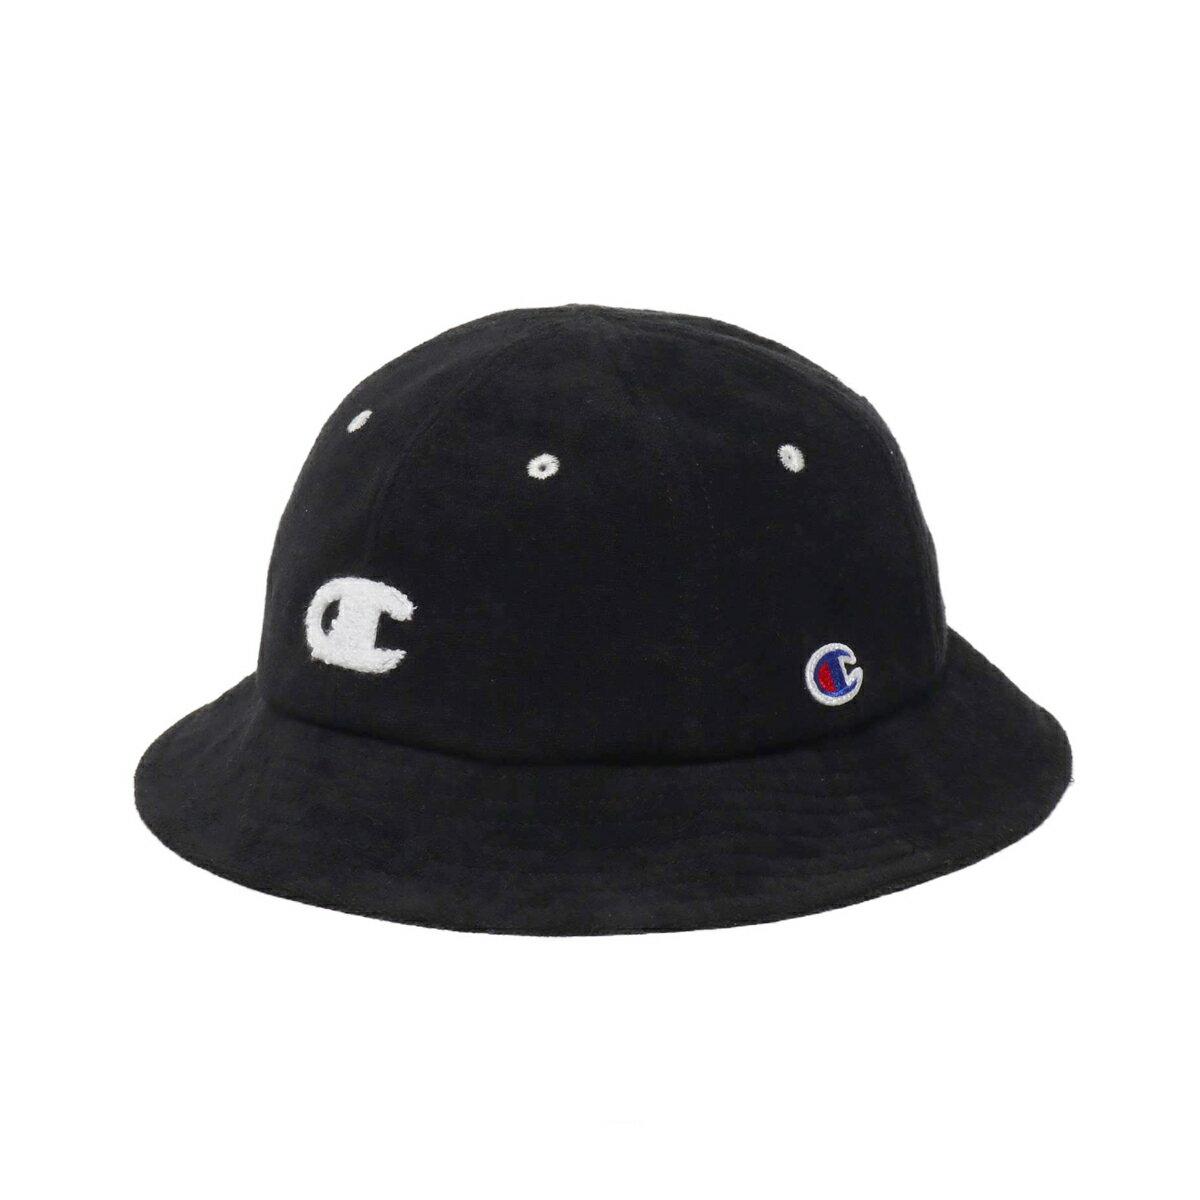 CHAMPION x ATMOS LAB PILE HAT (チャンピオン パイルハット)BLACK【メンズ レディース ハット】19SS-S